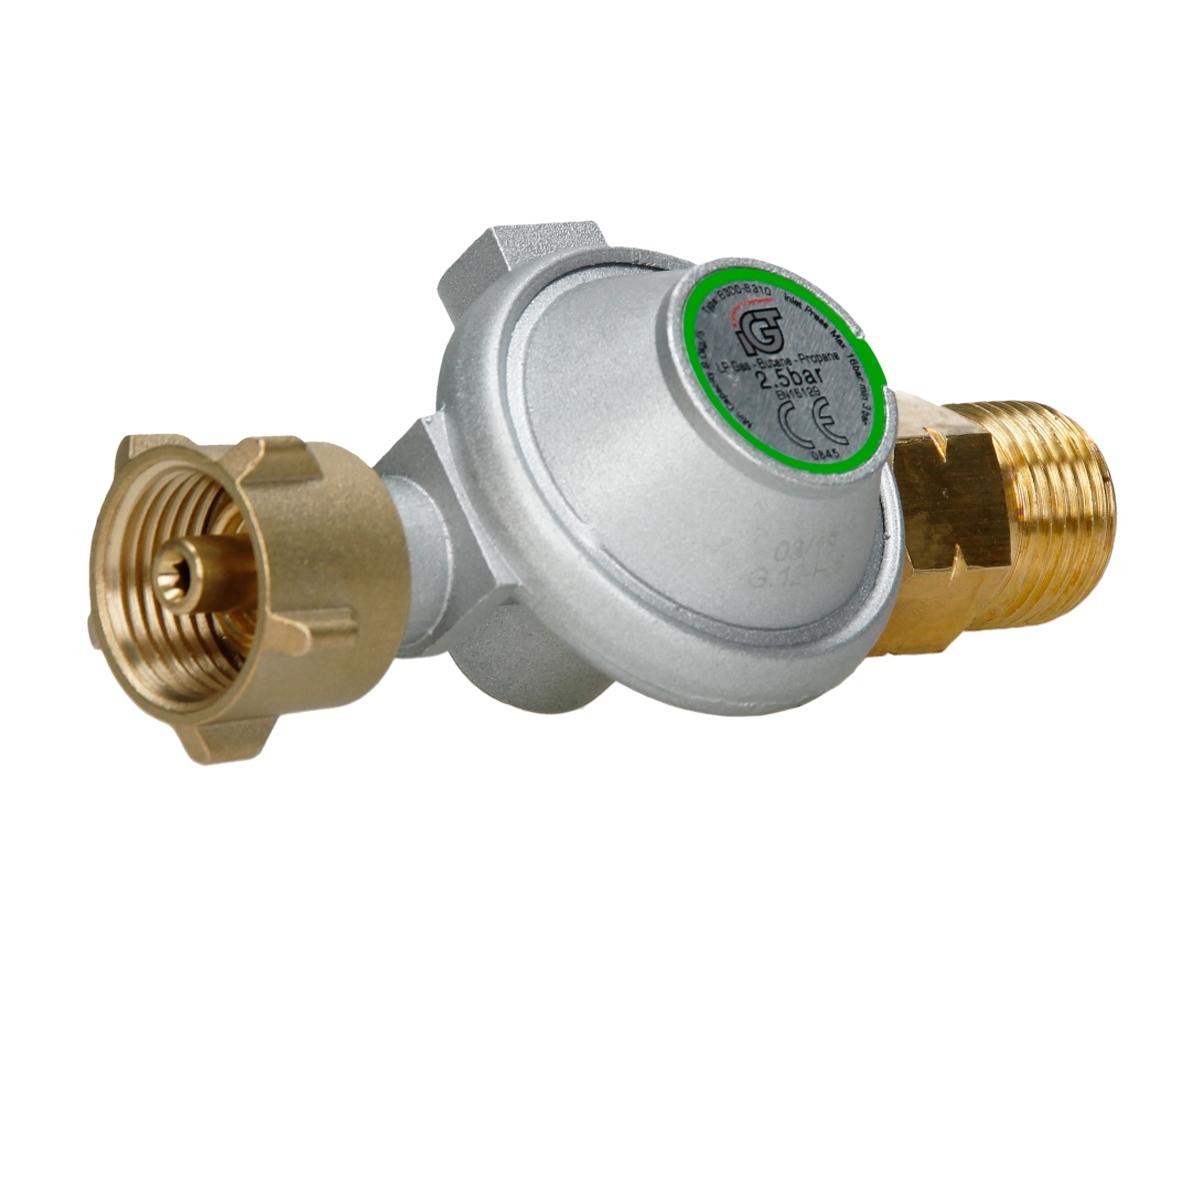 Regulador-presion-gas-2-5-bar-4-bar-con-soplete-quemador-gas-antorcha-tirador